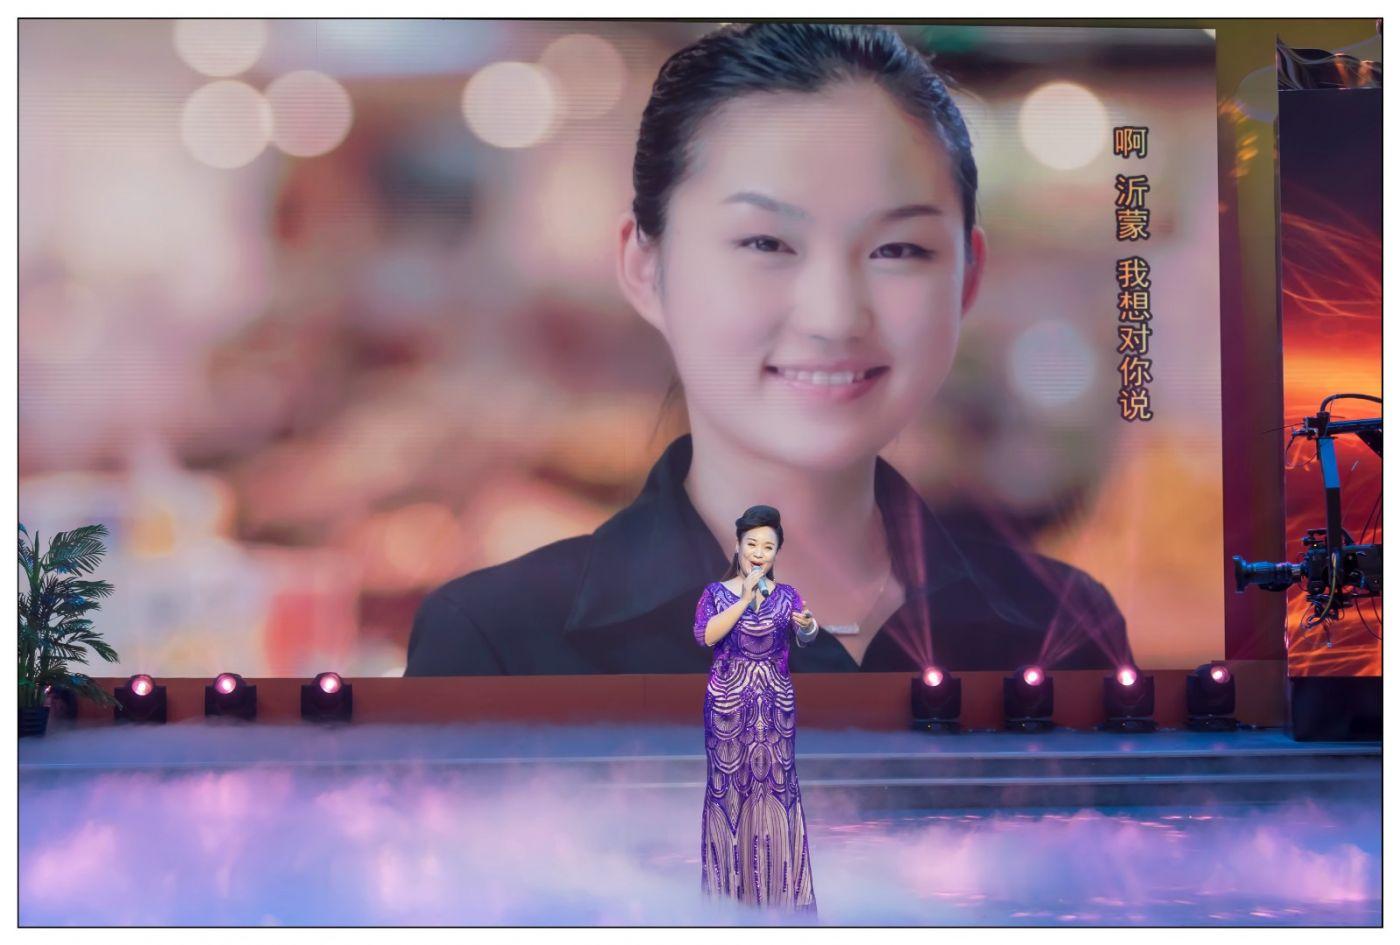 临沂姑娘杨妮妮曾感动春晚总动员 今晚在临沂电视台大放异彩 ..._图1-14